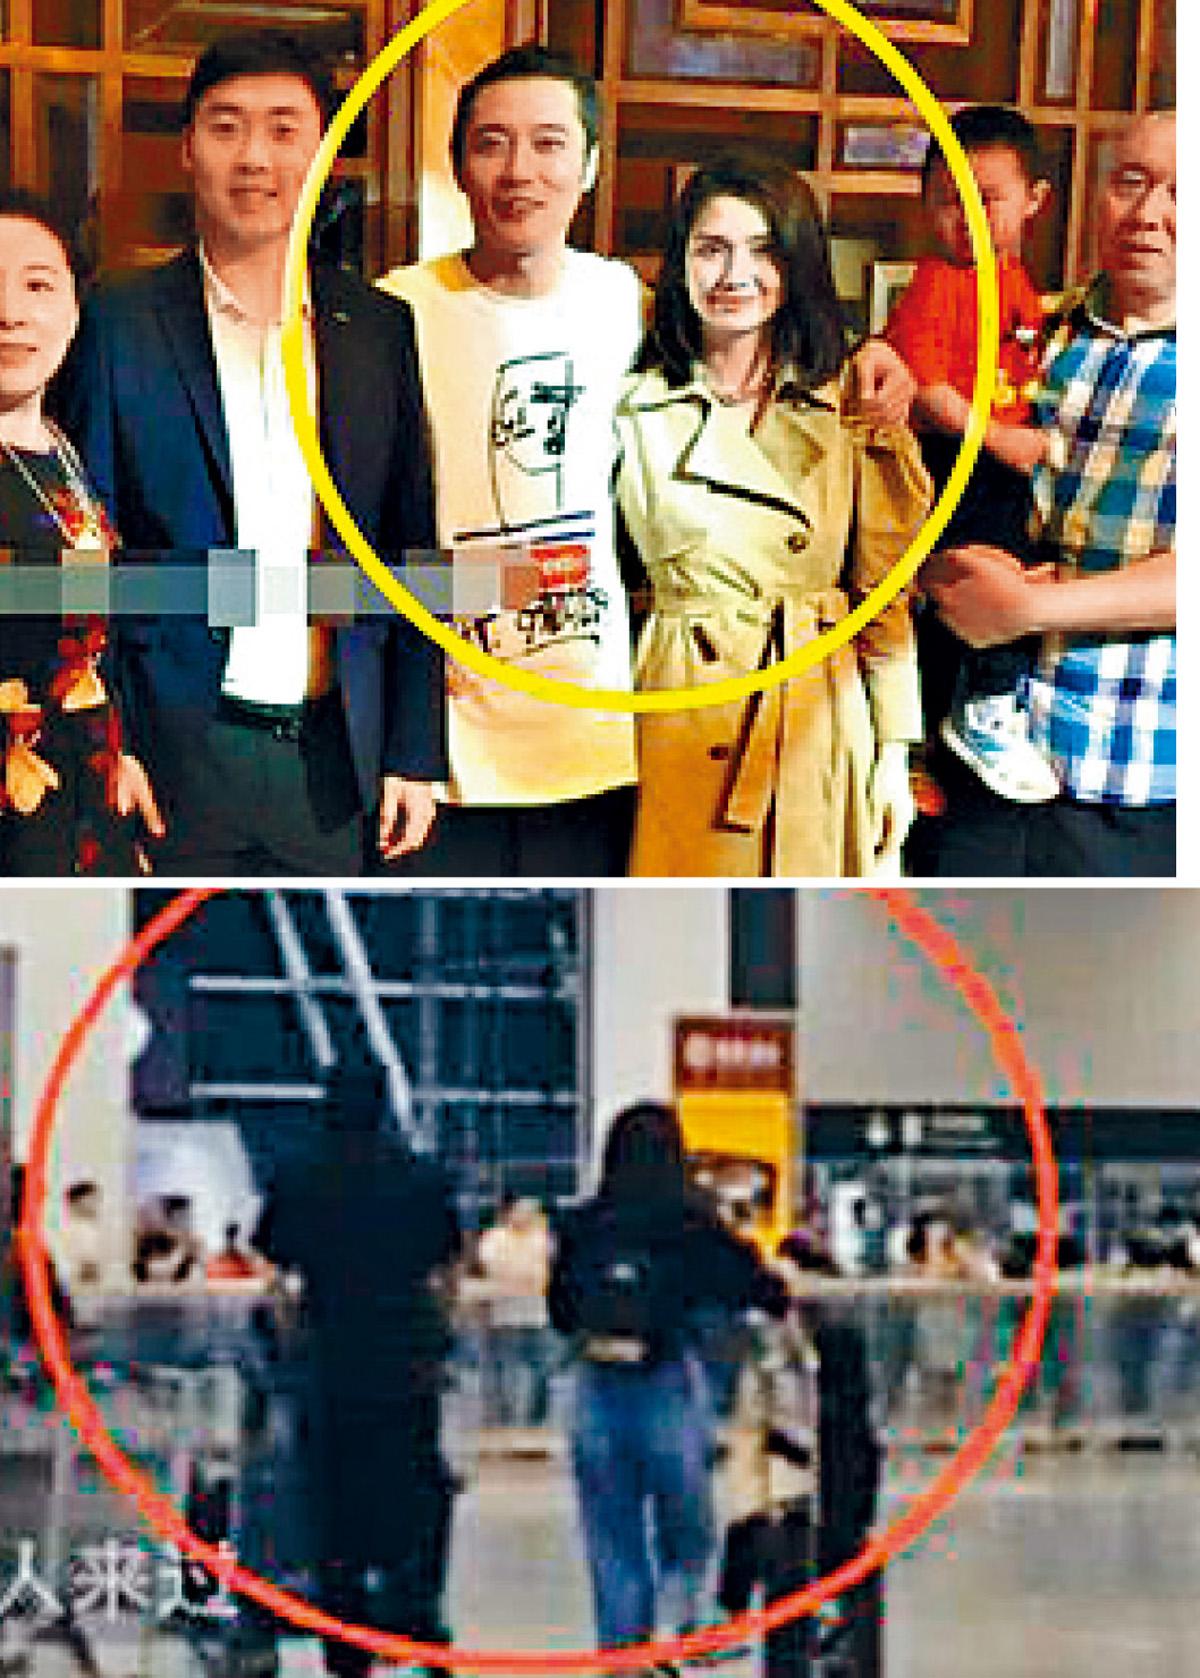 ■洪欣與張丹峰合體出席婚宴(上圖),但其後在機場被發現零交流(下圖)。